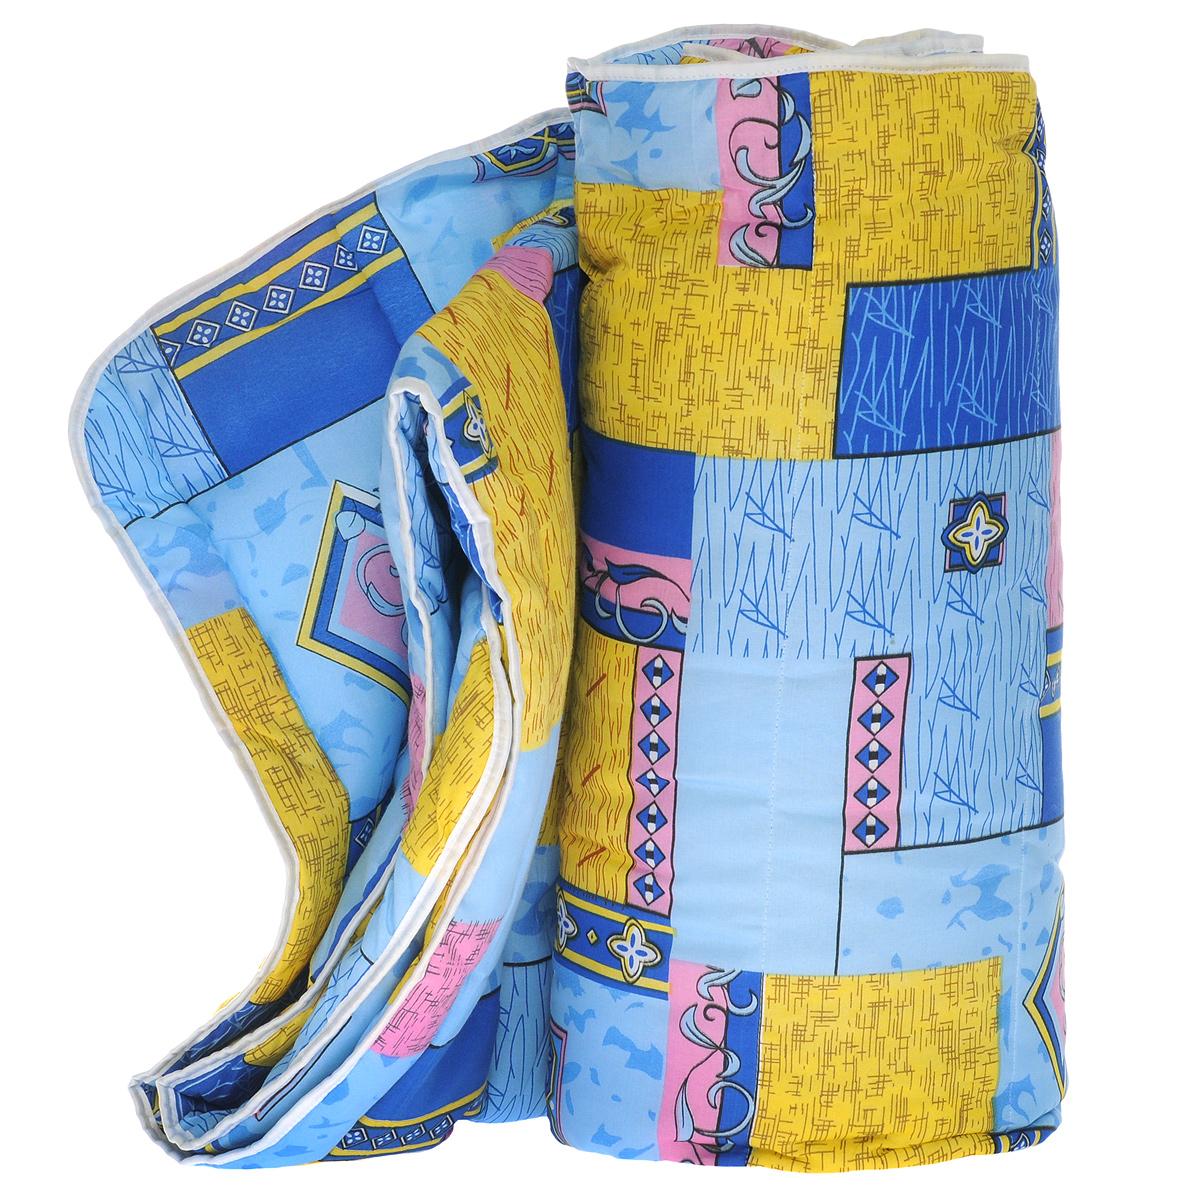 """Облегченное одеяло OL-Tex """"Miotex"""" создаст комфорт и уют во время сна. Чехол выполнен из полиэстера и   оформлен красочным рисунком. Внутри - современный наполнитель из полиэфирного   высокосиликонизированного волокна Holfiteks, упругий и качественный. Прекрасно держит тепло. Одеяло с   наполнителем Holfiteks легкое и комфортное. Даже после многократных стирок не теряет свою форму,   наполнитель не сбивается, так как одеяло простегано и окантовано. Не вызывает аллергии. Holfiteks - это   возможность легко ухаживать за своими постельными принадлежностями. Можно стирать в машинке, изделия   быстро и полностью высыхают - это обеспечивает гигиену спального места при невысокой цене на продукцию.     Рекомендации по уходу: - Ручная и машинная стирка при температуре 30°С. - Не гладить. - Не отбеливать.  - Нельзя отжимать и сушить в стиральной машине.   - Сушить вертикально.   Размер одеяла: 172 см х 205 см.  Материал чехла: 100% полиэстер.  Материал наполнителя: полиэфирное высокосиликонизированное волокно Holfiteks.  Плотность: 200 г/м2."""